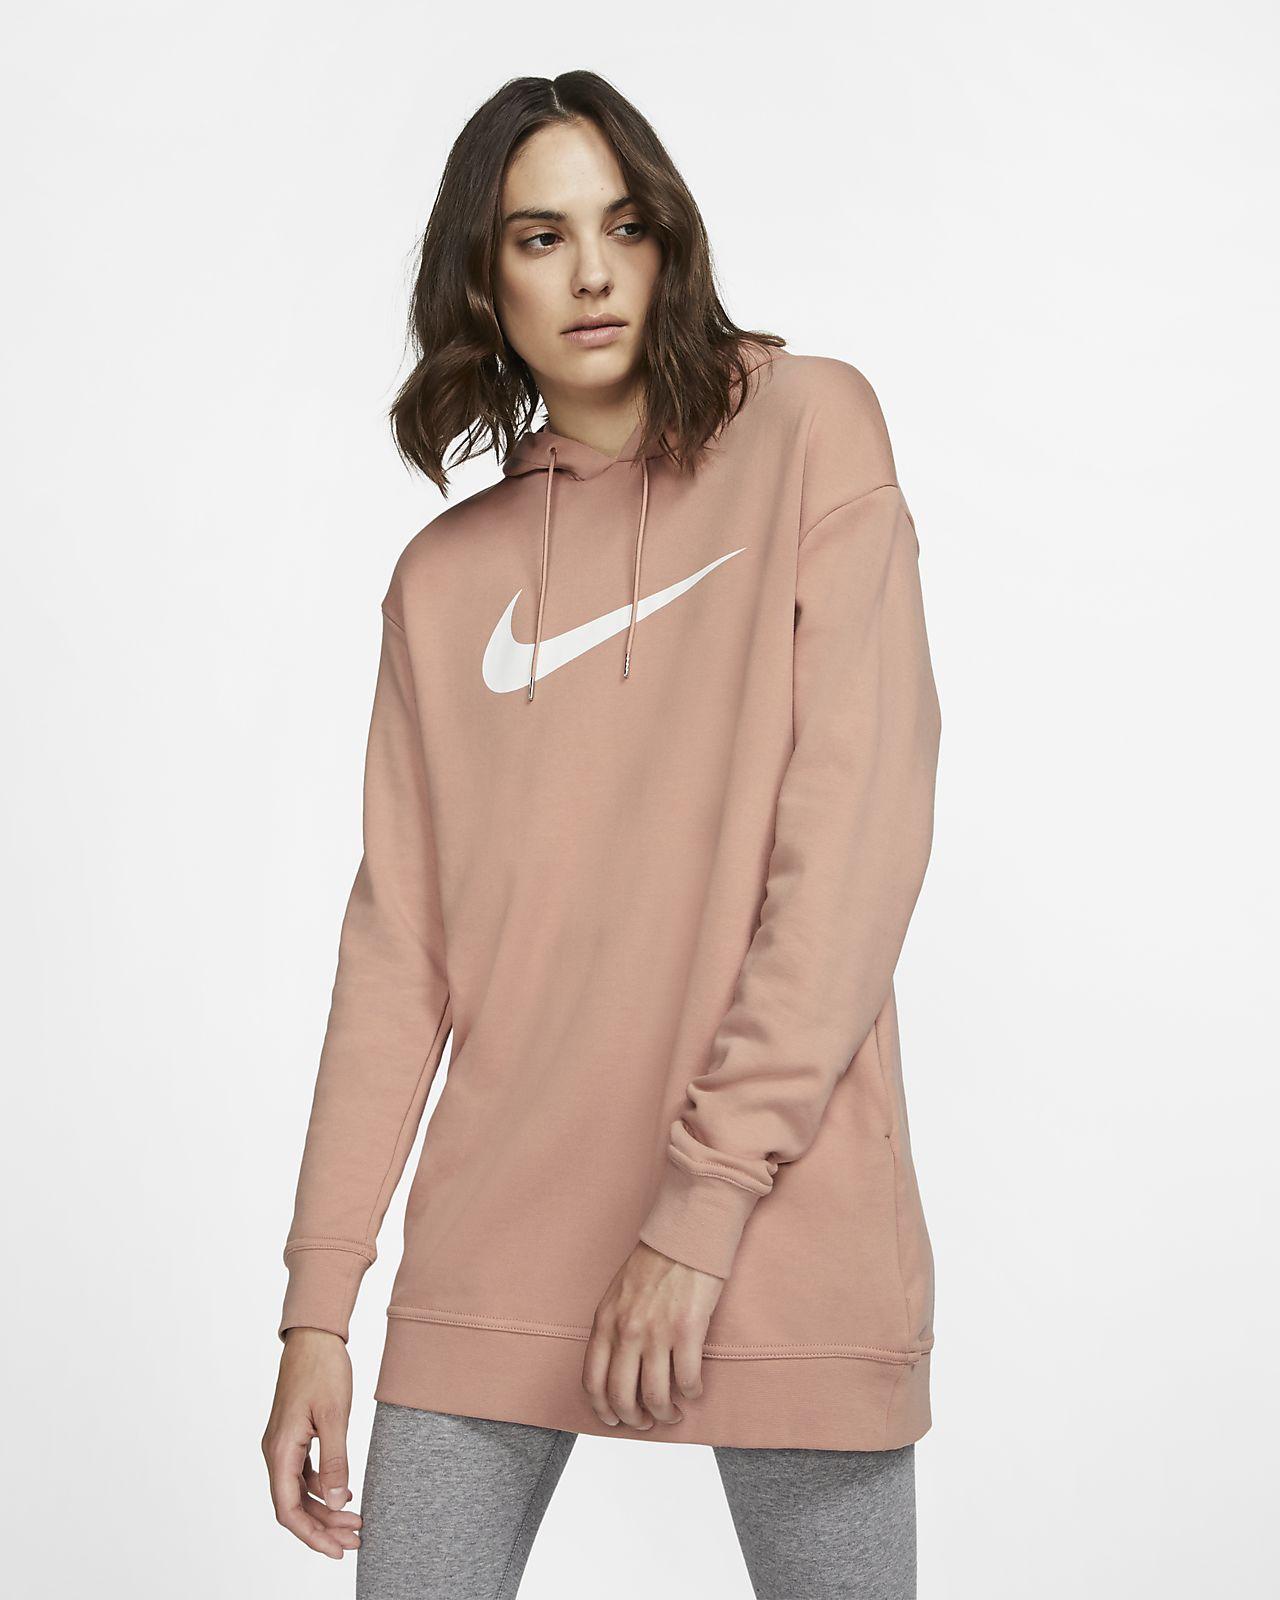 Γυναικεία μπλούζα με κουκούλα από ύφασμα French Terry Nike Sportswear Swoosh